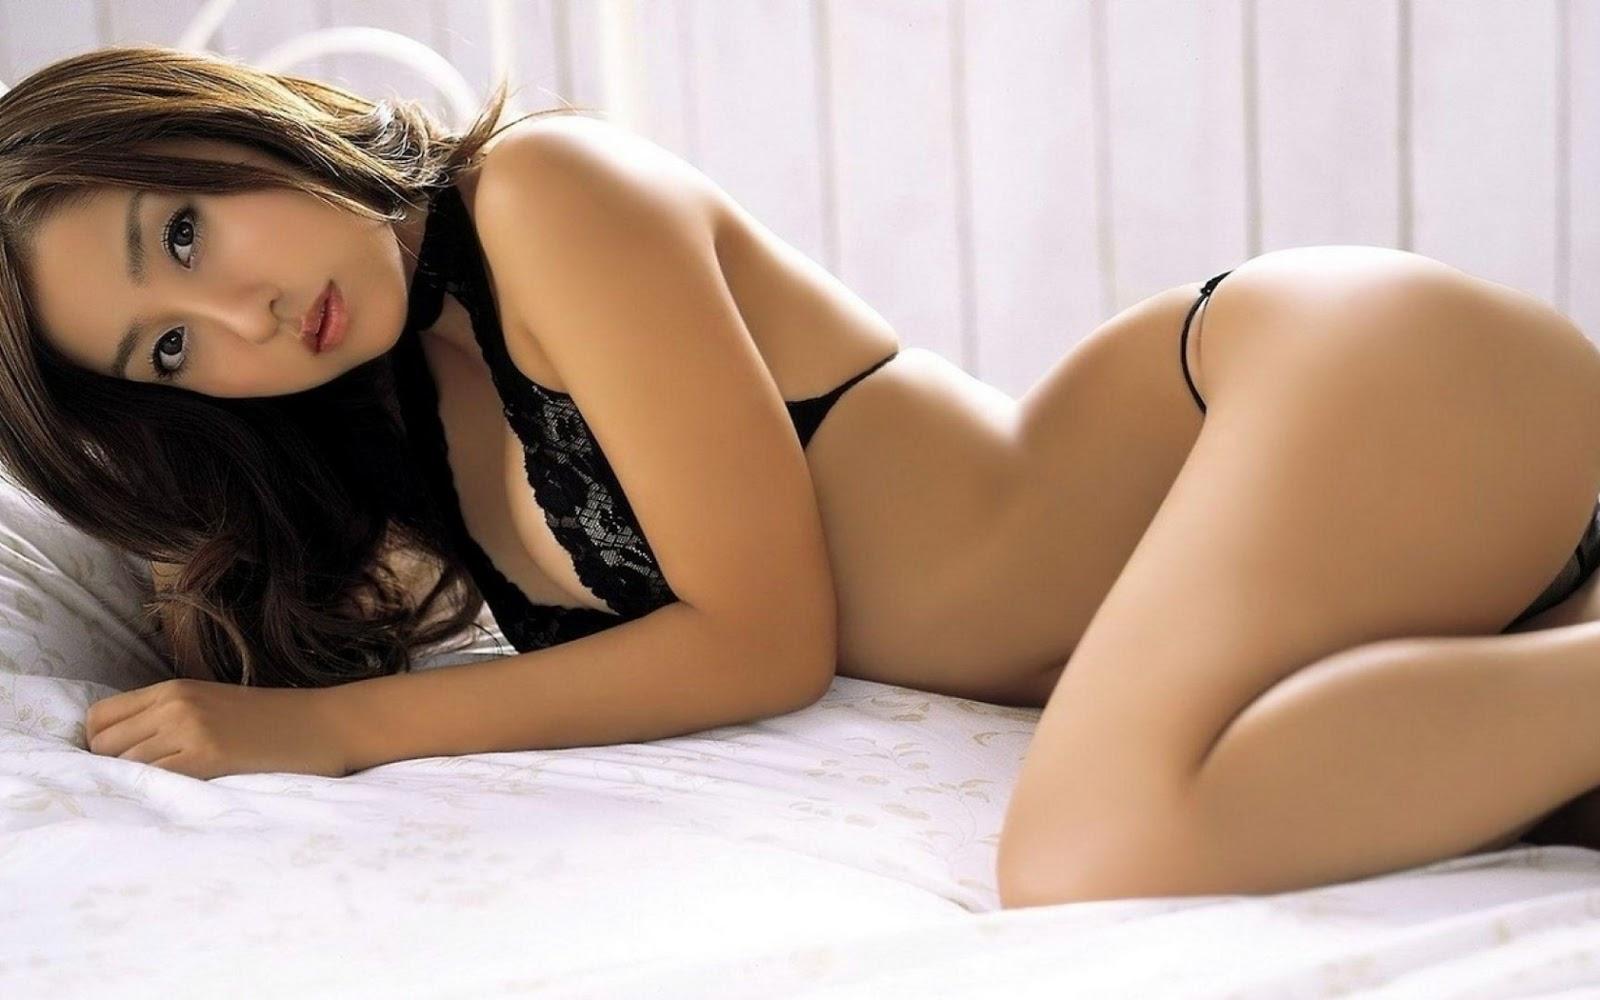 Фото азиатка в нижнем белье 2 фотография